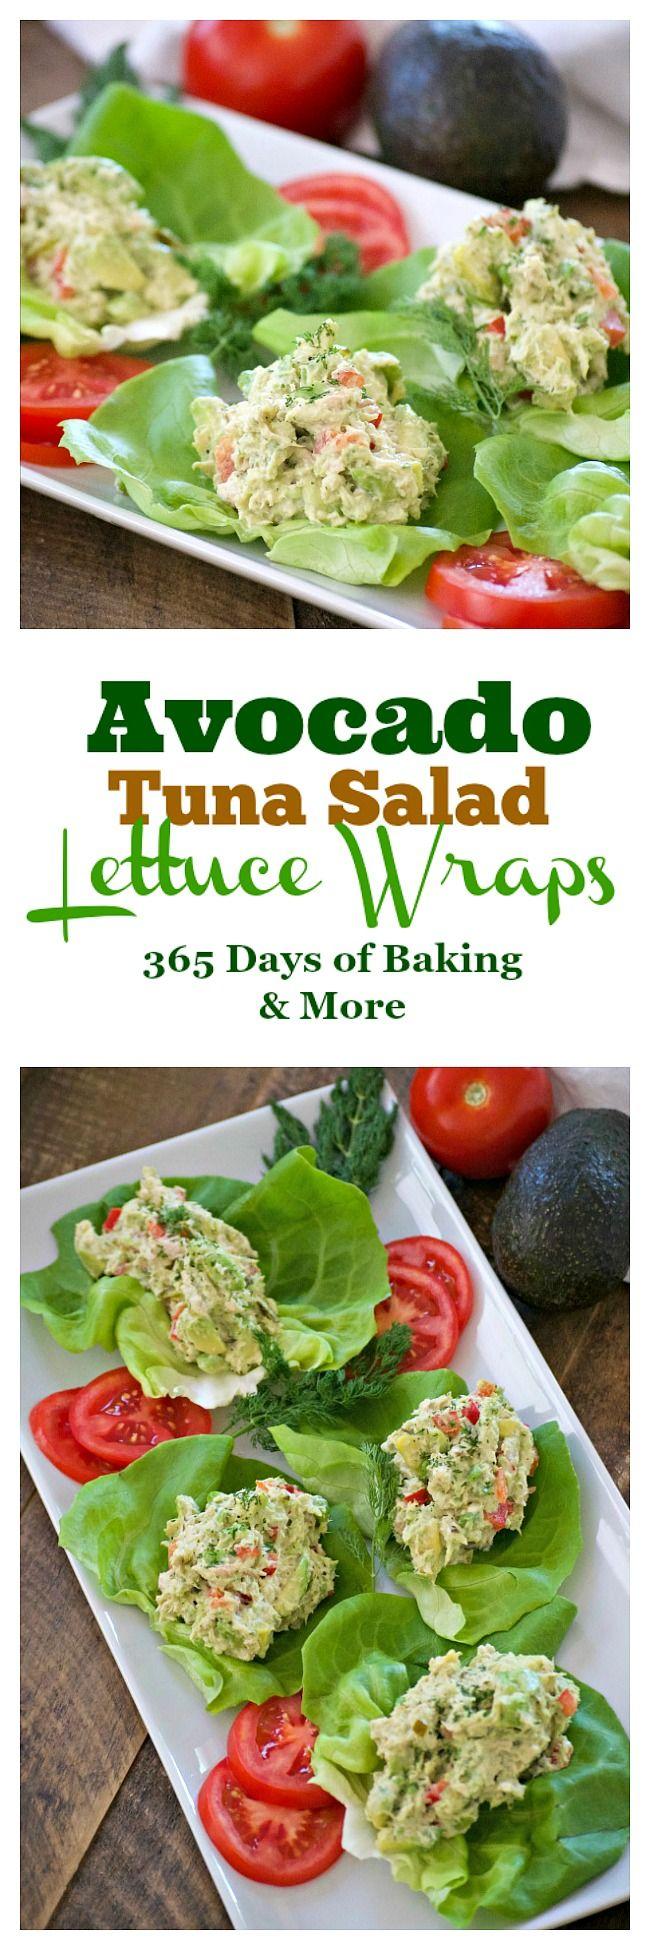 White apron dc calories - Avocado Tuna Salad Lettuce Wraps